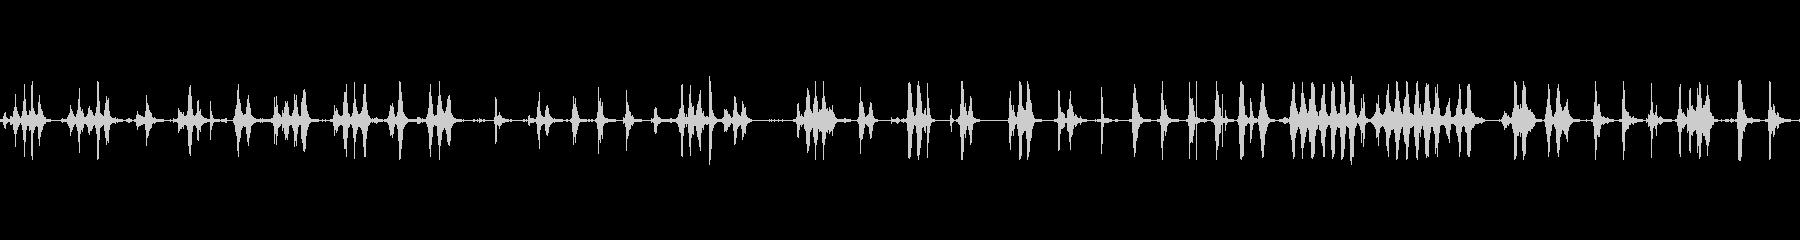 ホイップケーブルの重いスピン、の未再生の波形